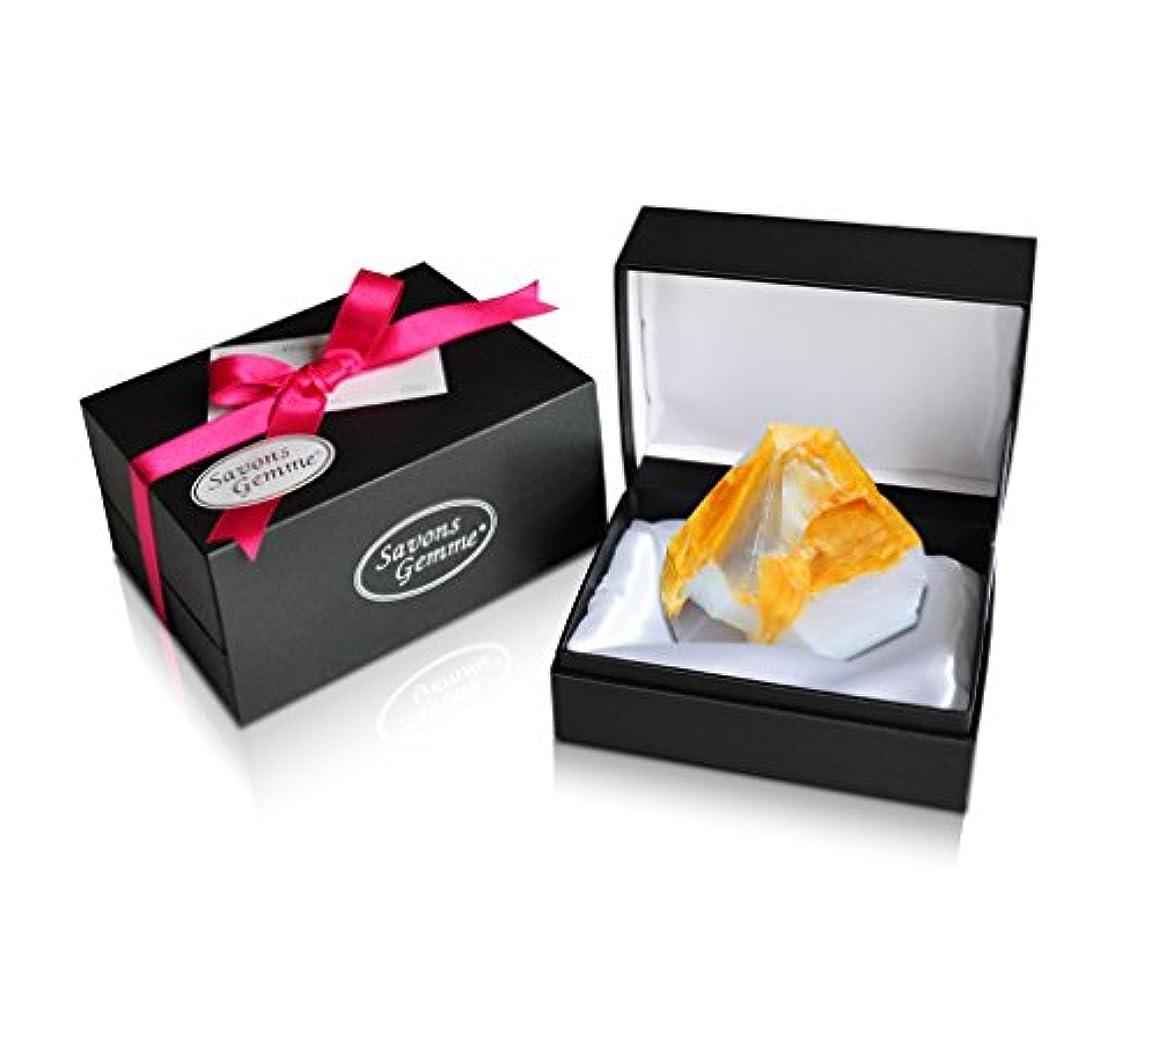 最も早い滑るの間にSavons Gemme サボンジェム ジュエリーギフトボックス 世界で一番美しい宝石石鹸 フレグランス ソープ 宝石箱のようなラグジュアリー感を演出 アルバトールオリエンタル 170g 【日本総代理店品】